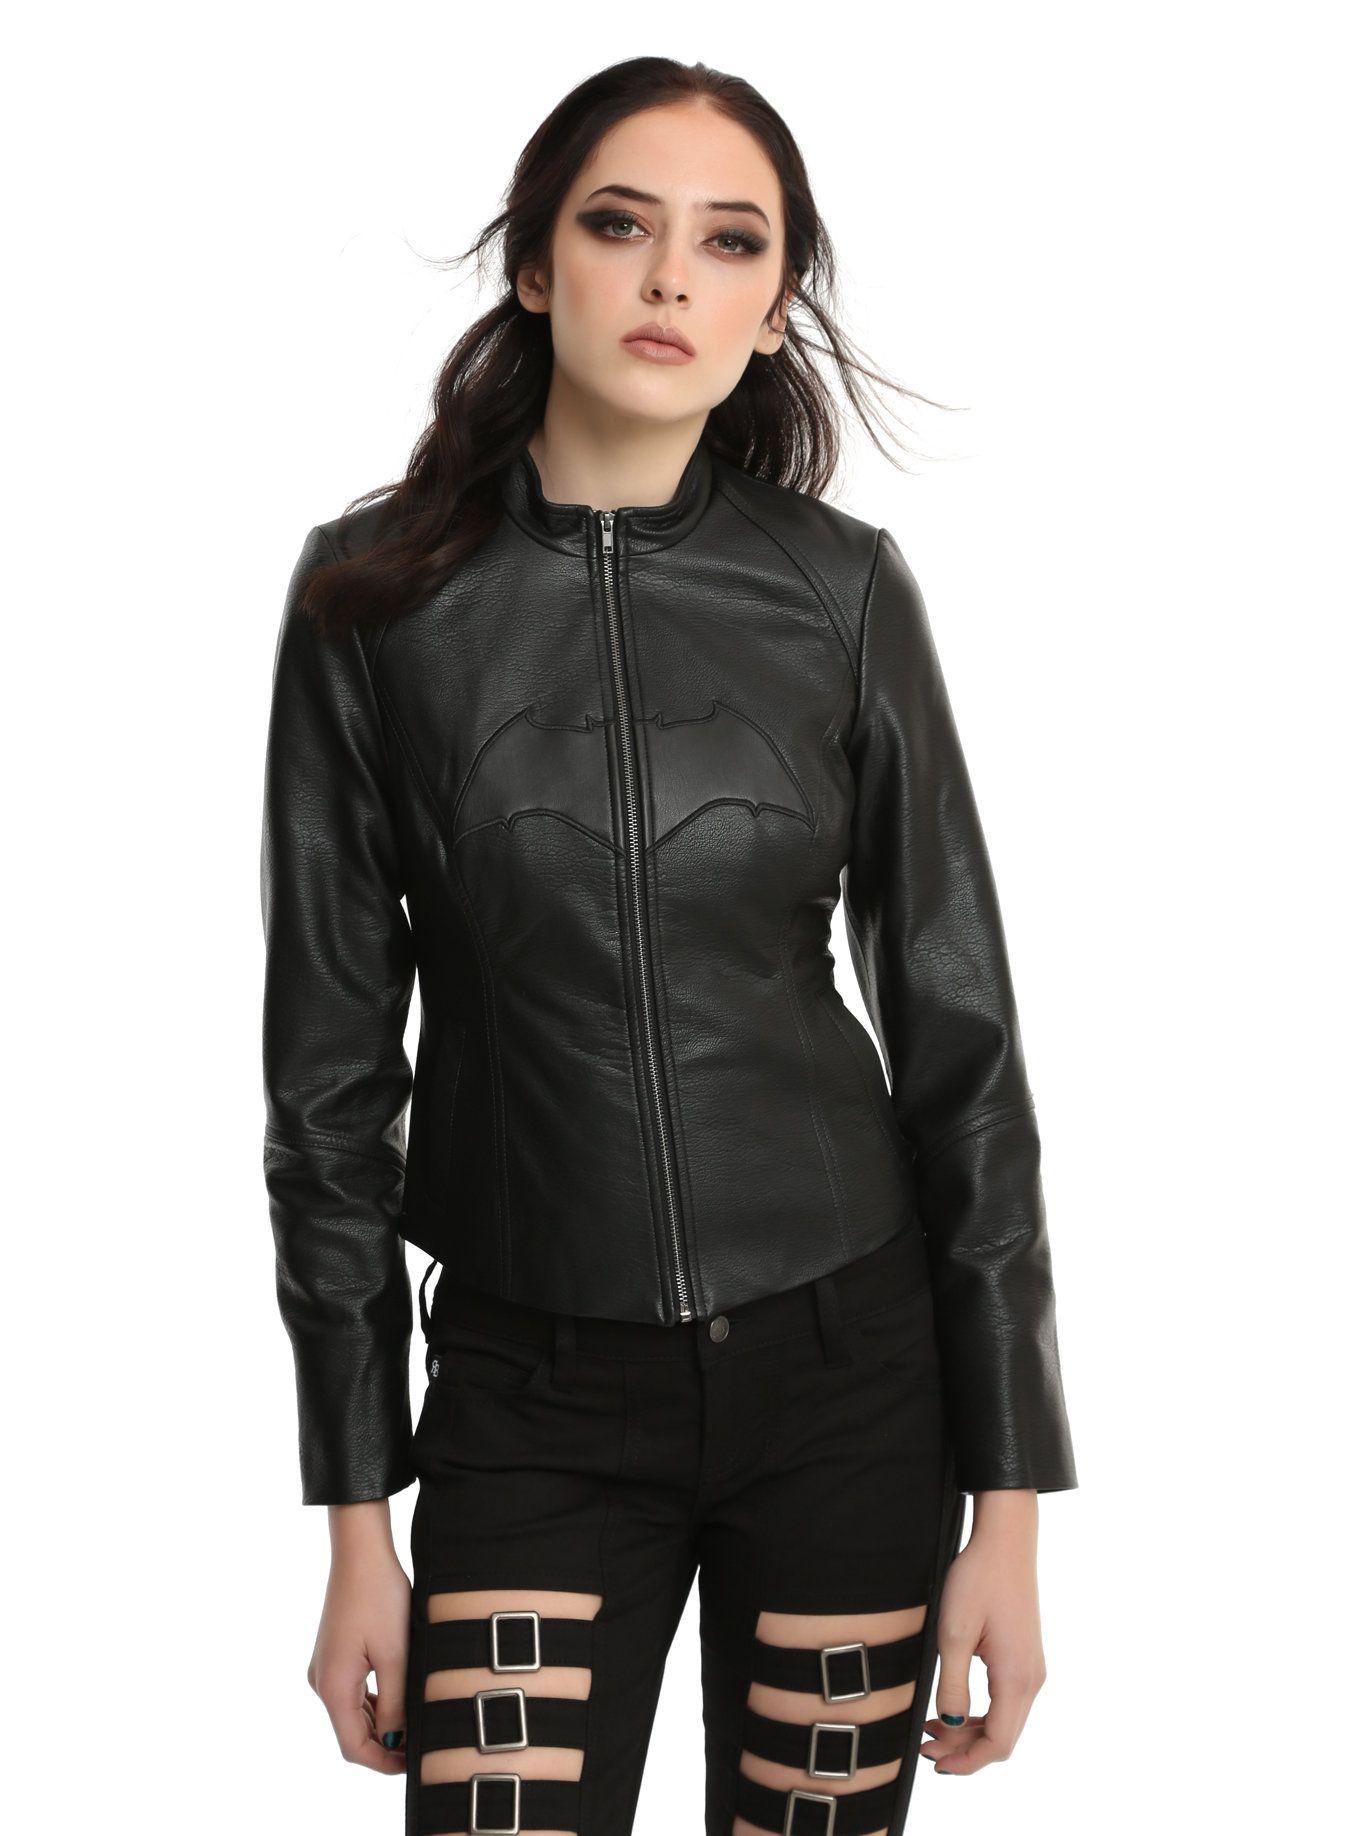 DC Comics Justice League Batman Faux Leather Girls Jacket